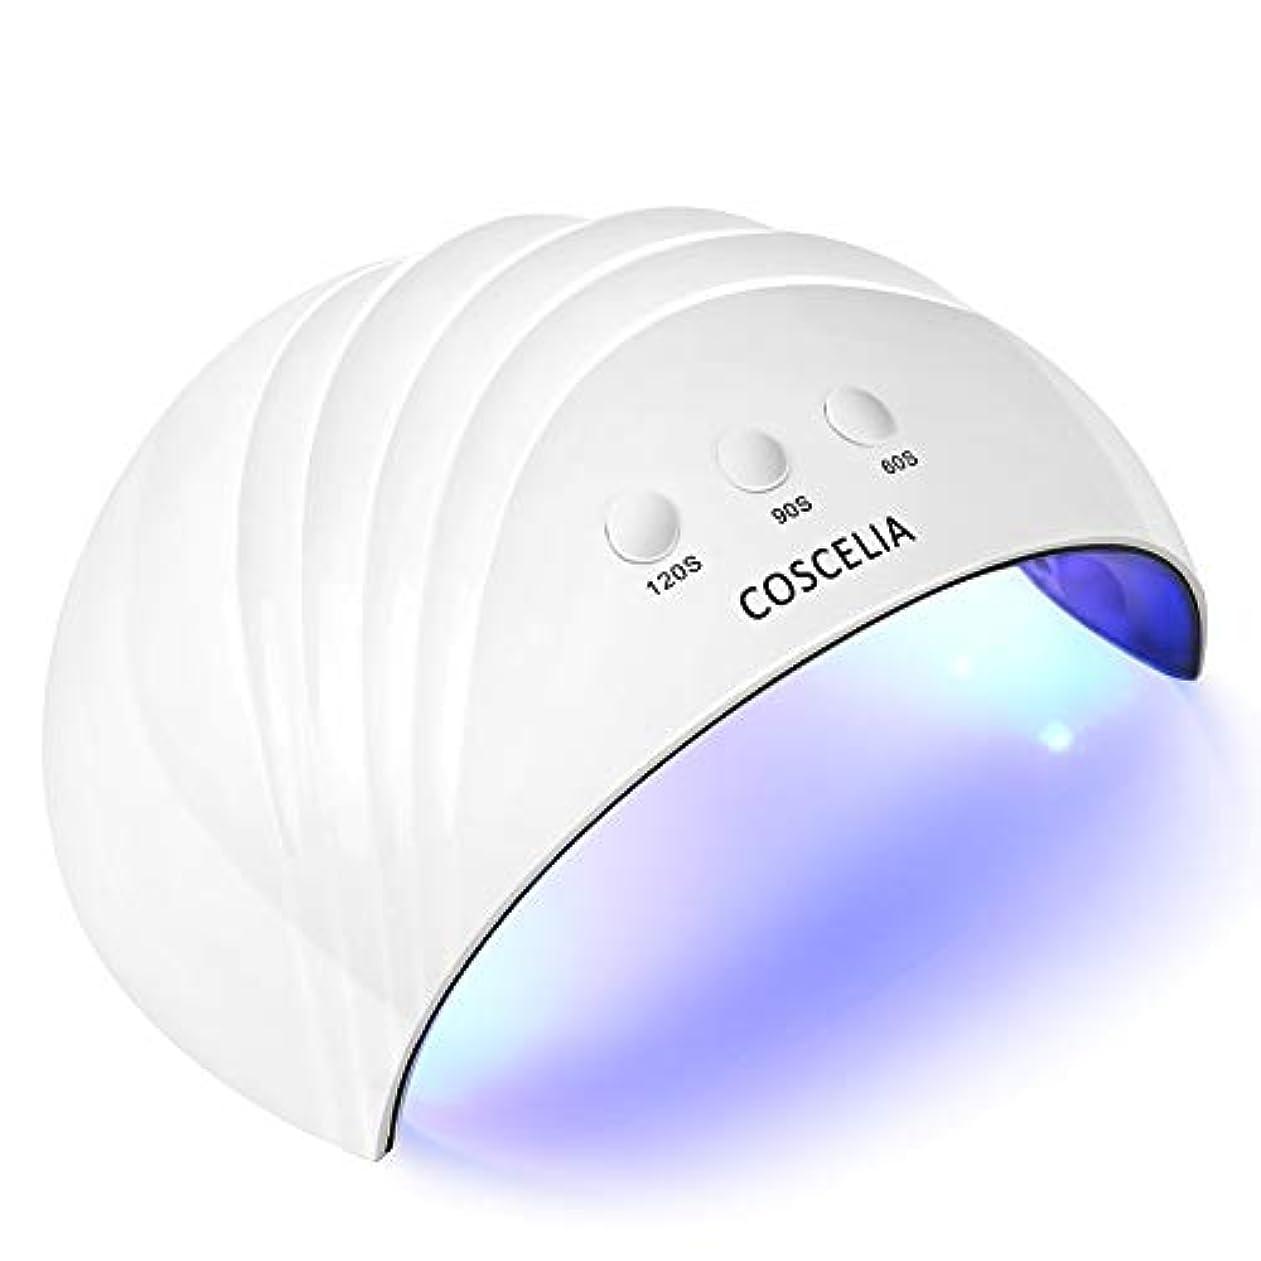 不良品明確に送料24W ホワイト ネイルライト 硬化用UV/LEDライト ネイルドライヤー ネイル道具?ケアツール 硬化用ライト マニキュア ネイルアートツール